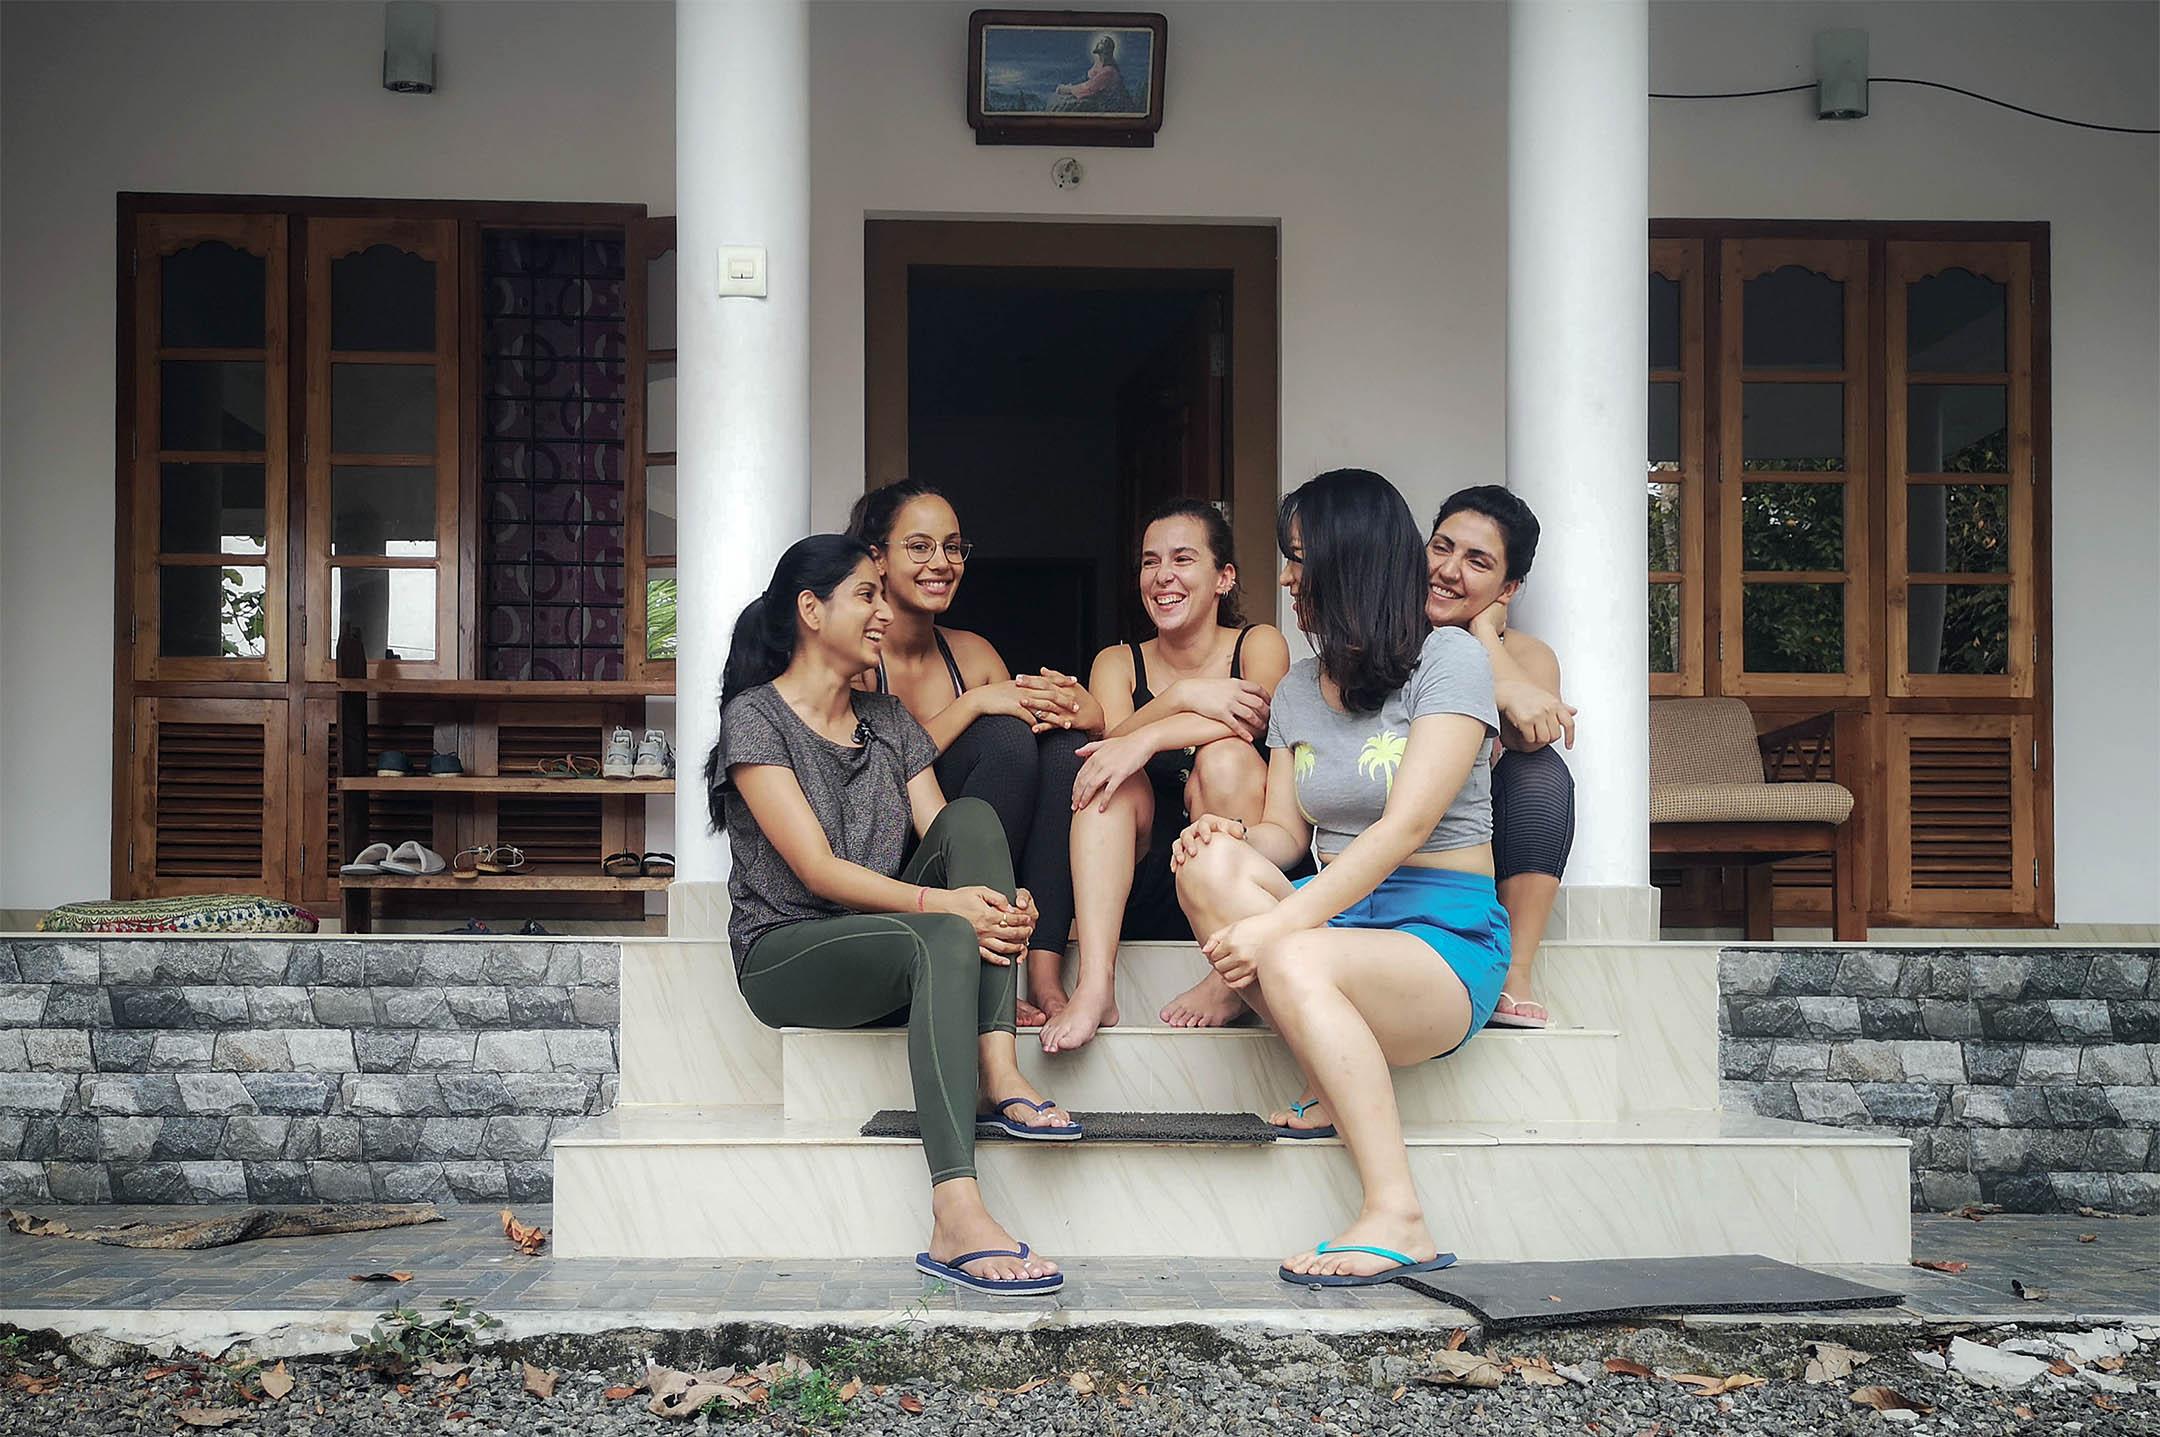 白宫內五名女生的合影。 圖:作者提供